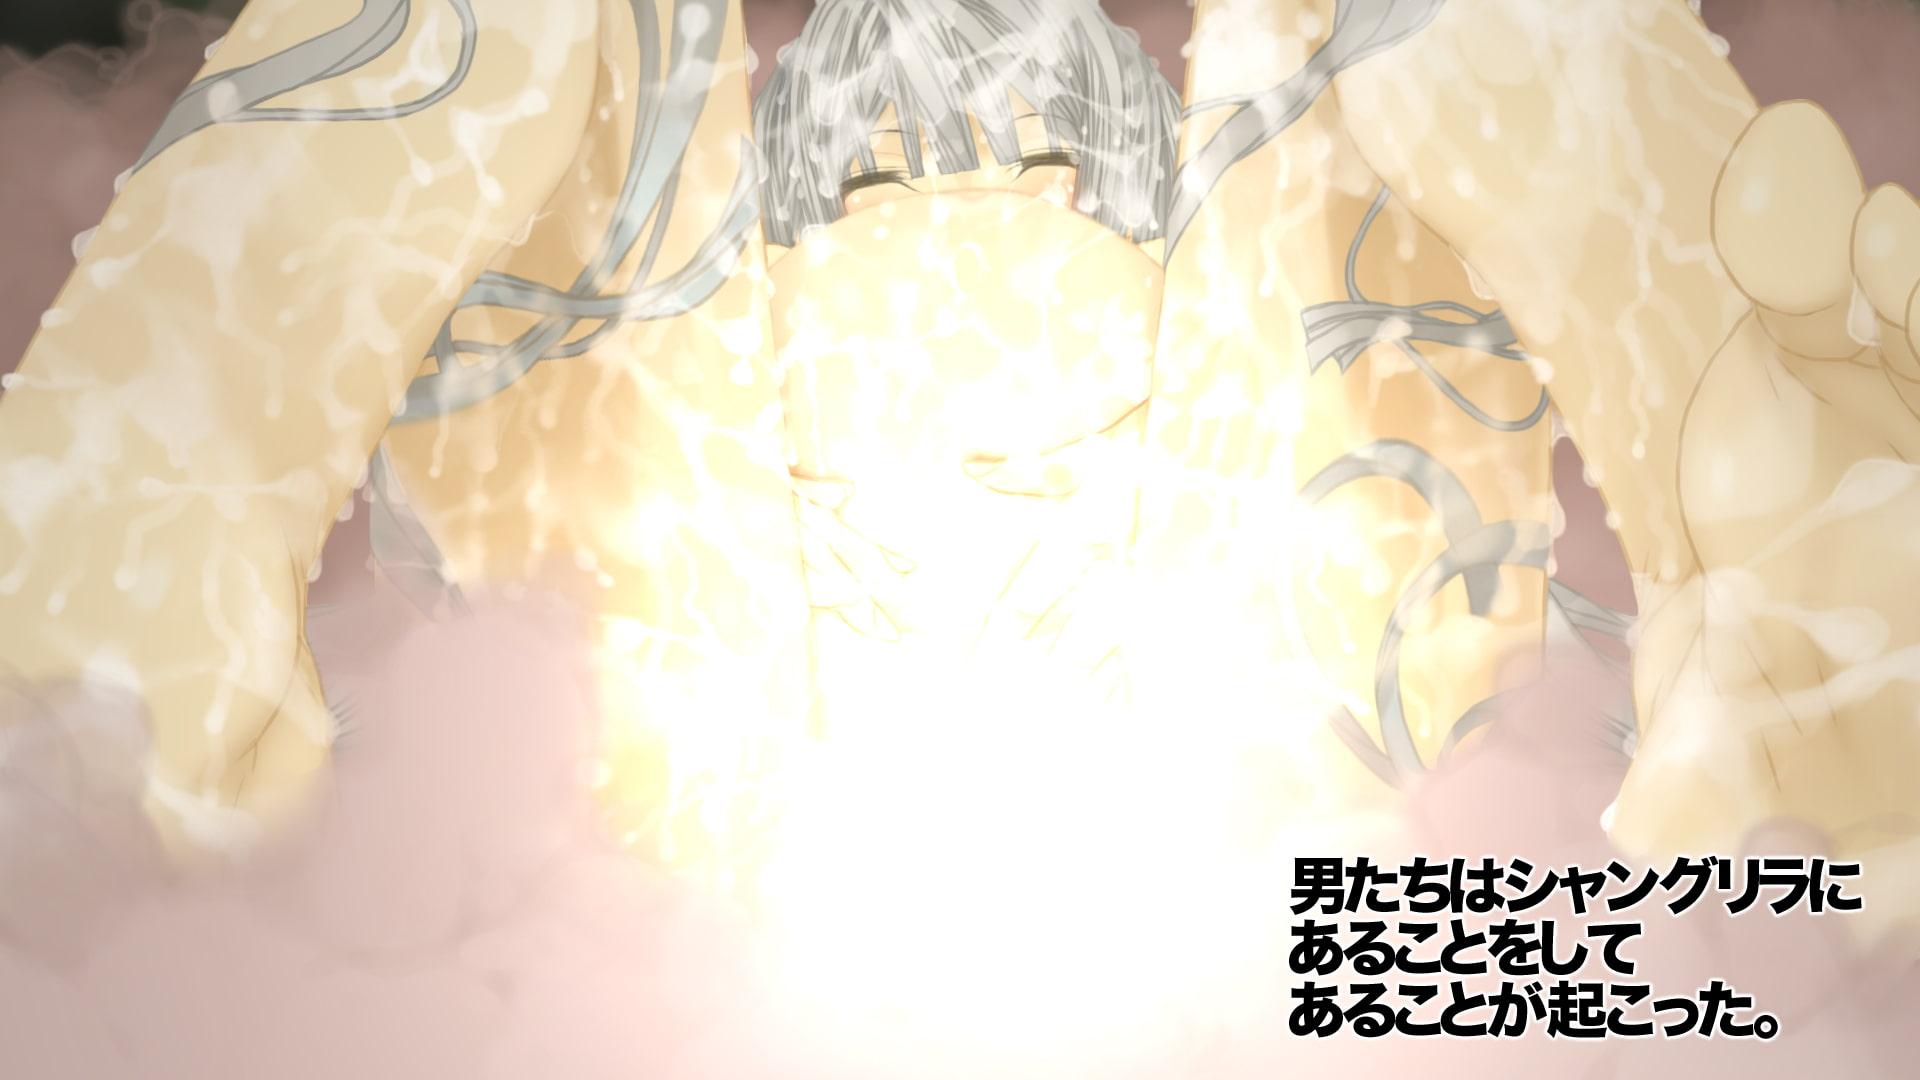 グラマラスキューティービューティー2 求婚されまくる巨乳姫の子宮MILD